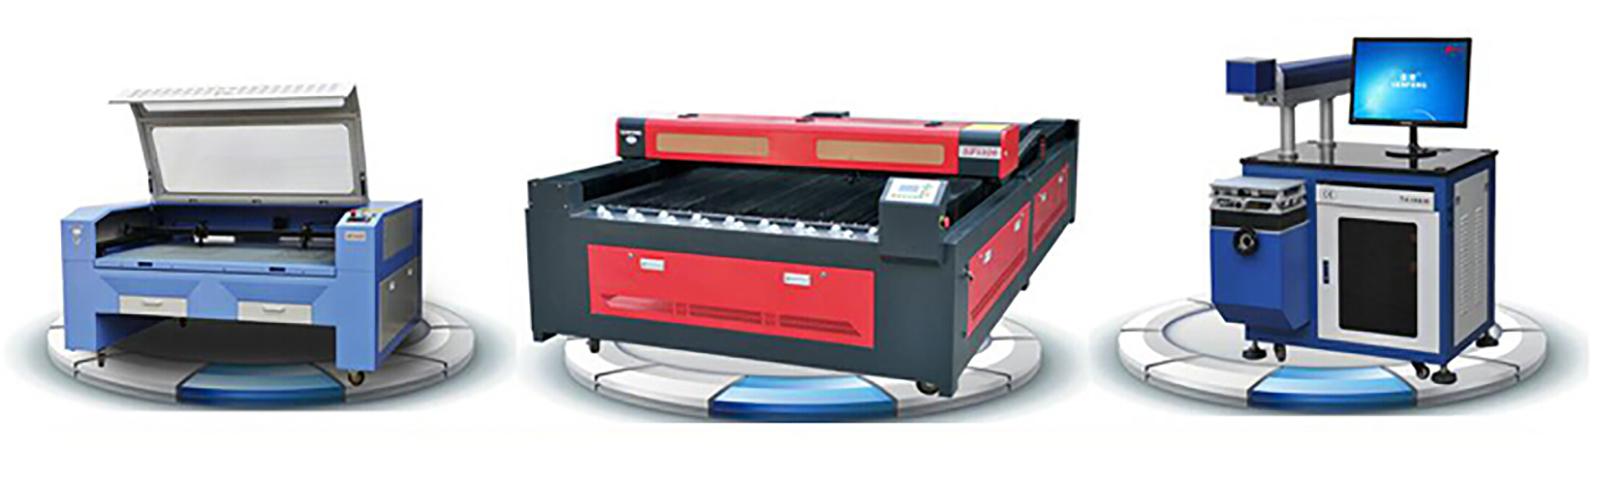 Máy CNC 6090 – 1 đầu nhập khẩu nguyên chiếc